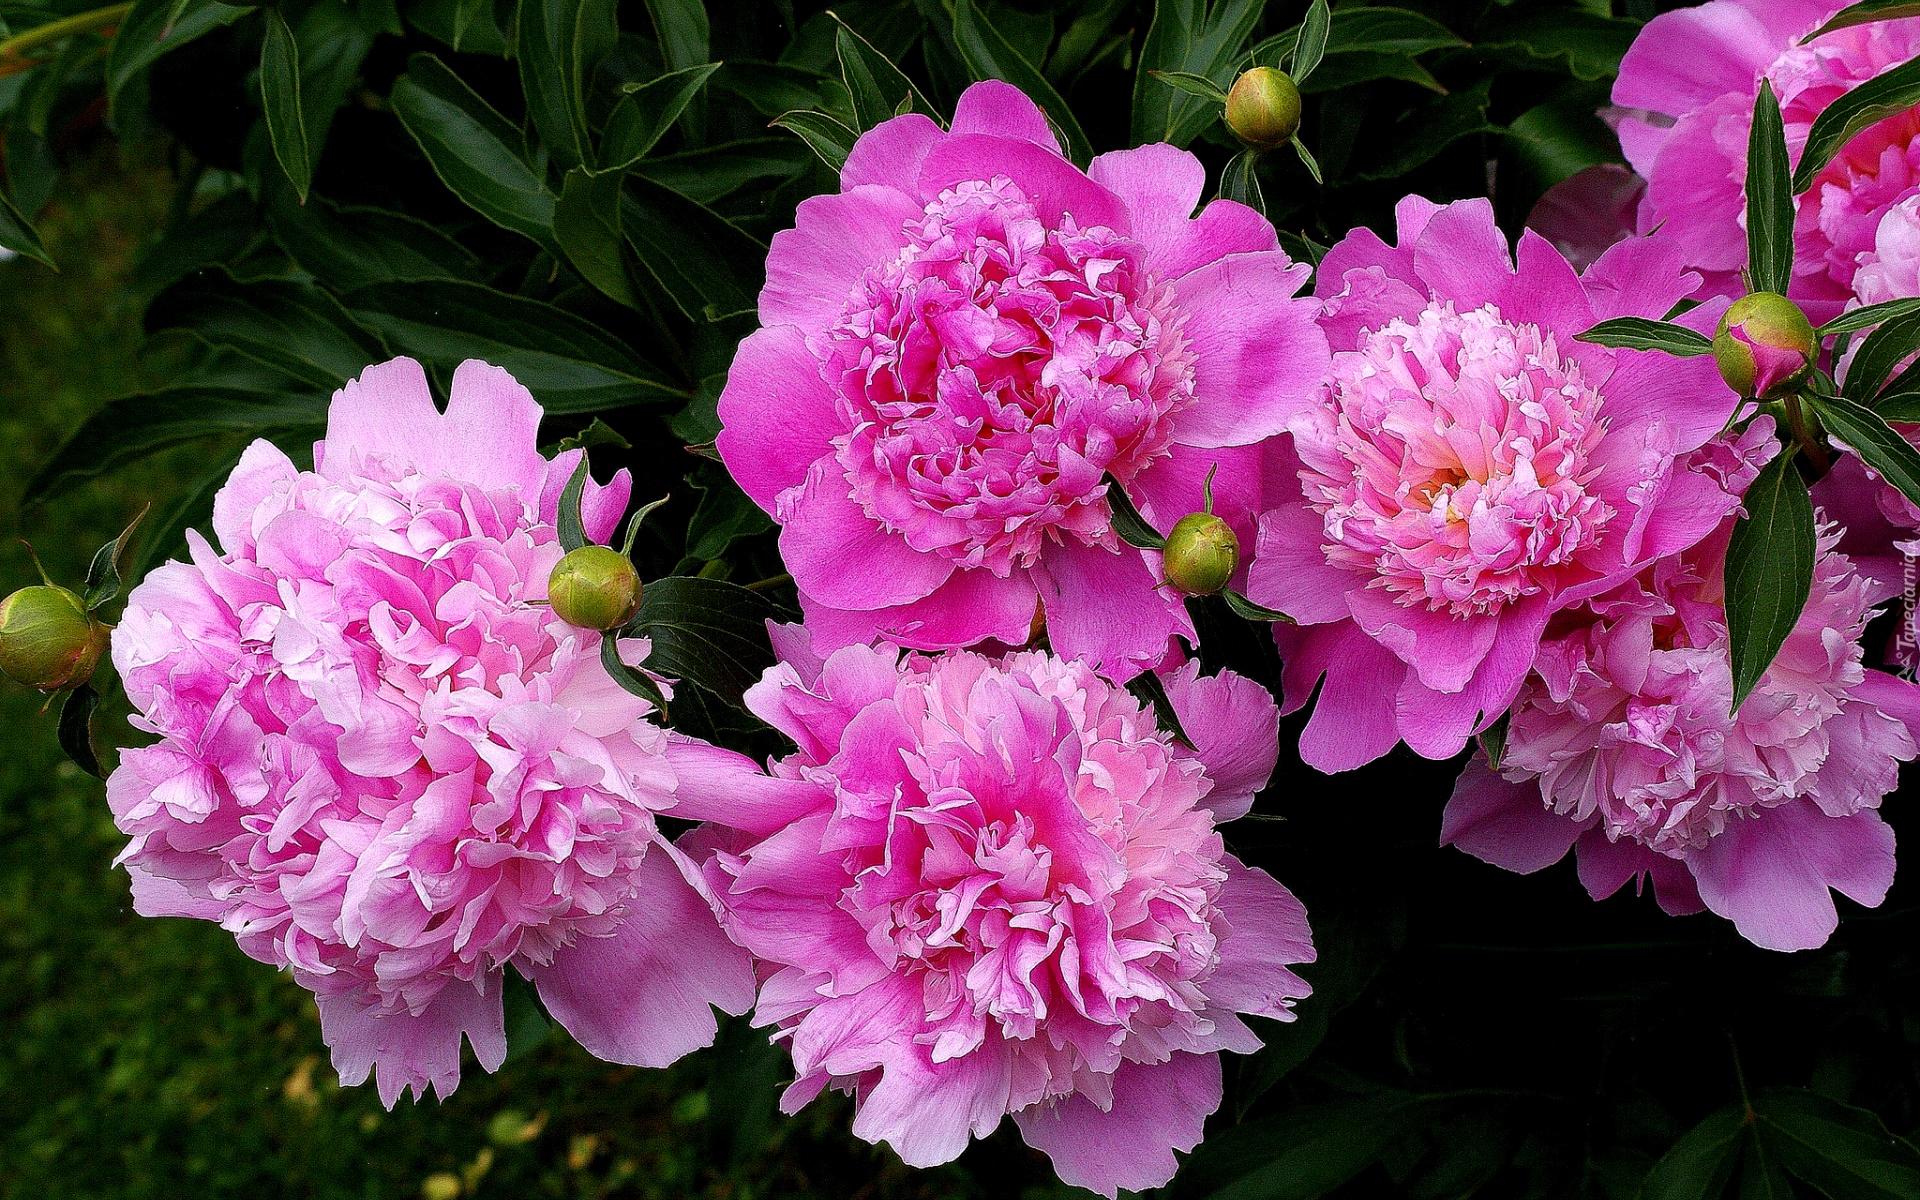 картинки скачать цветы пионы бесплатно